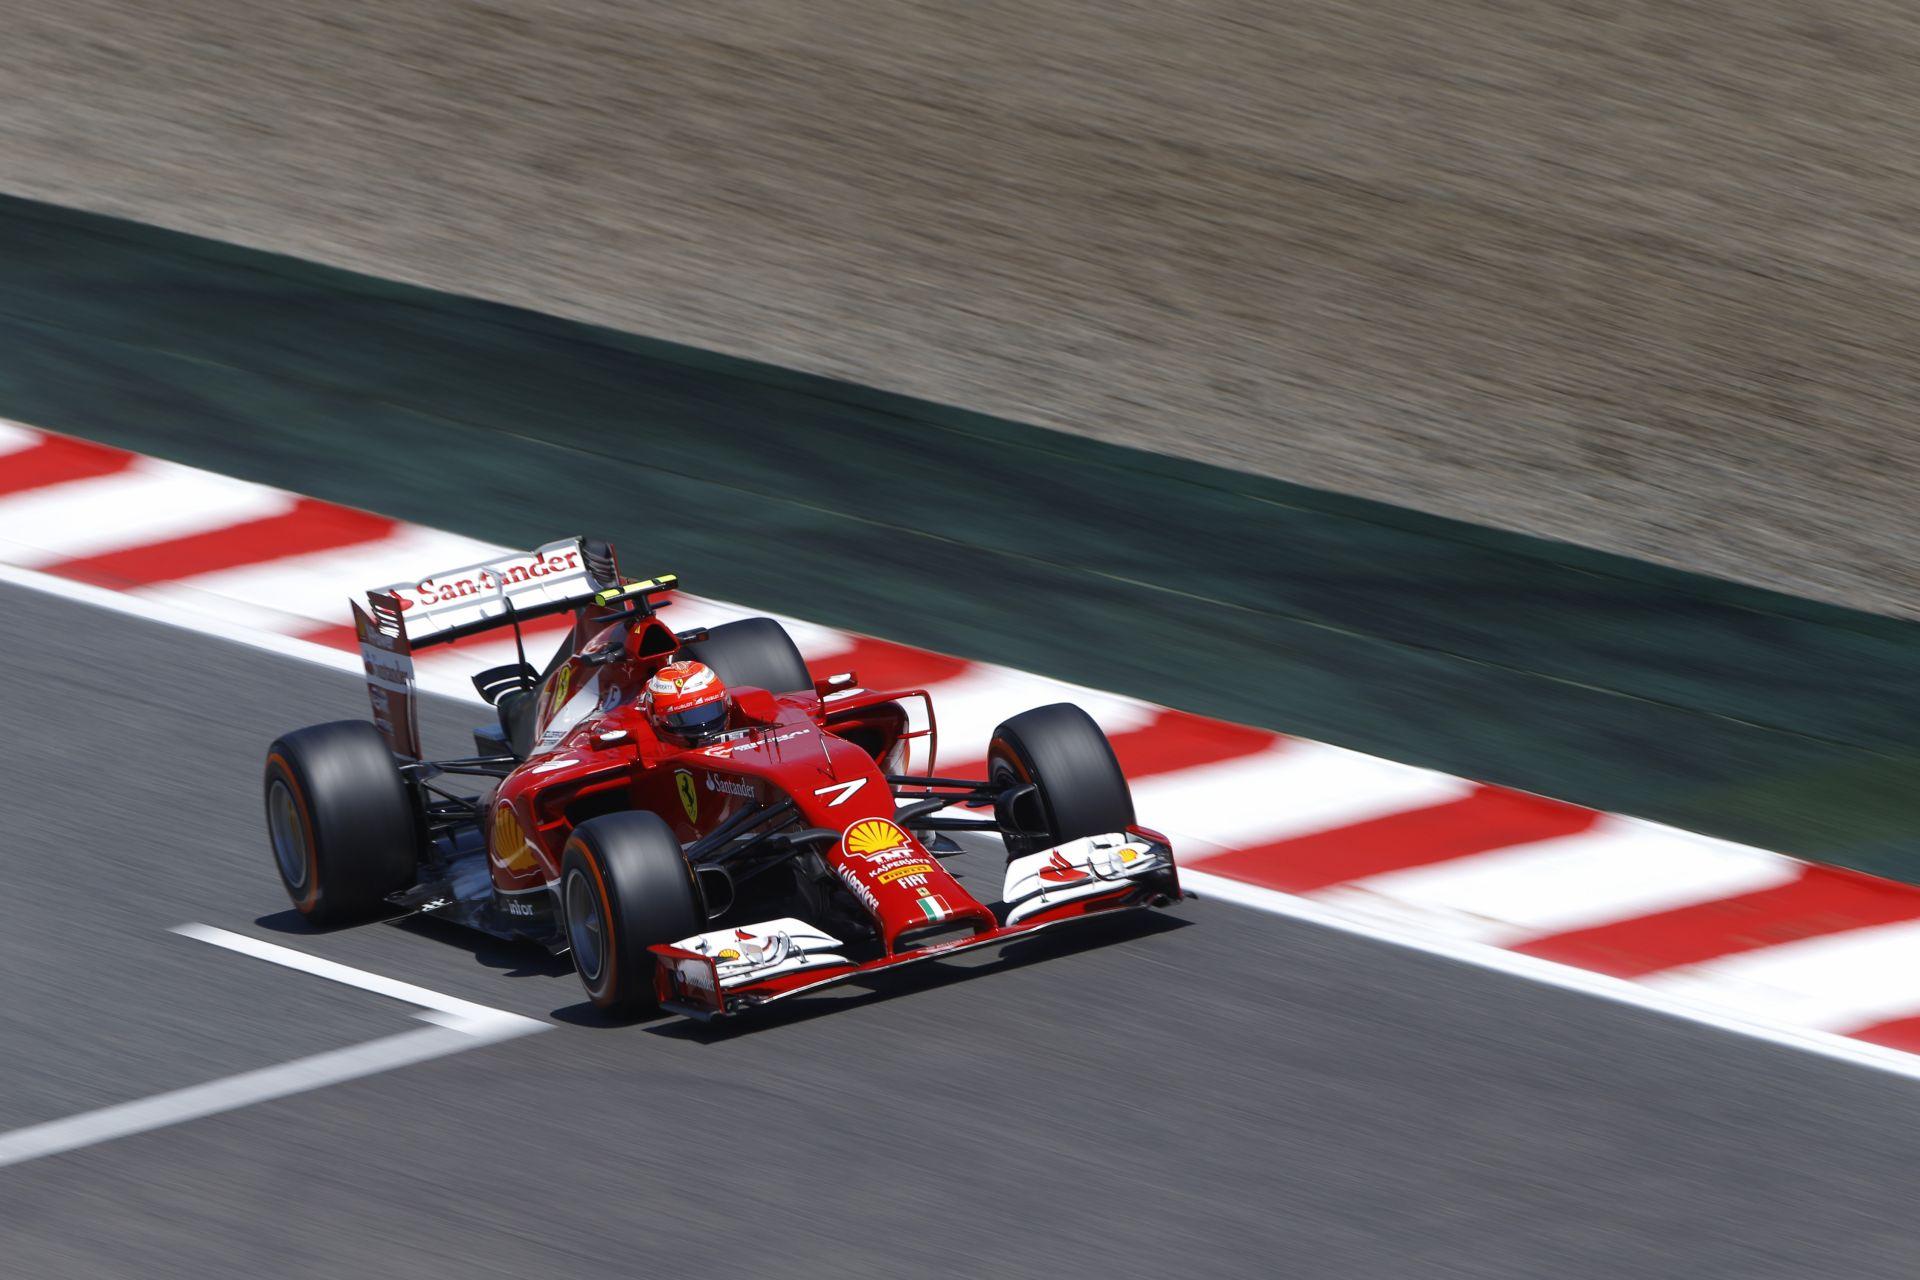 A Shell is gőzerővel fejleszt a Ferrarinak, és segít Raikkönennek